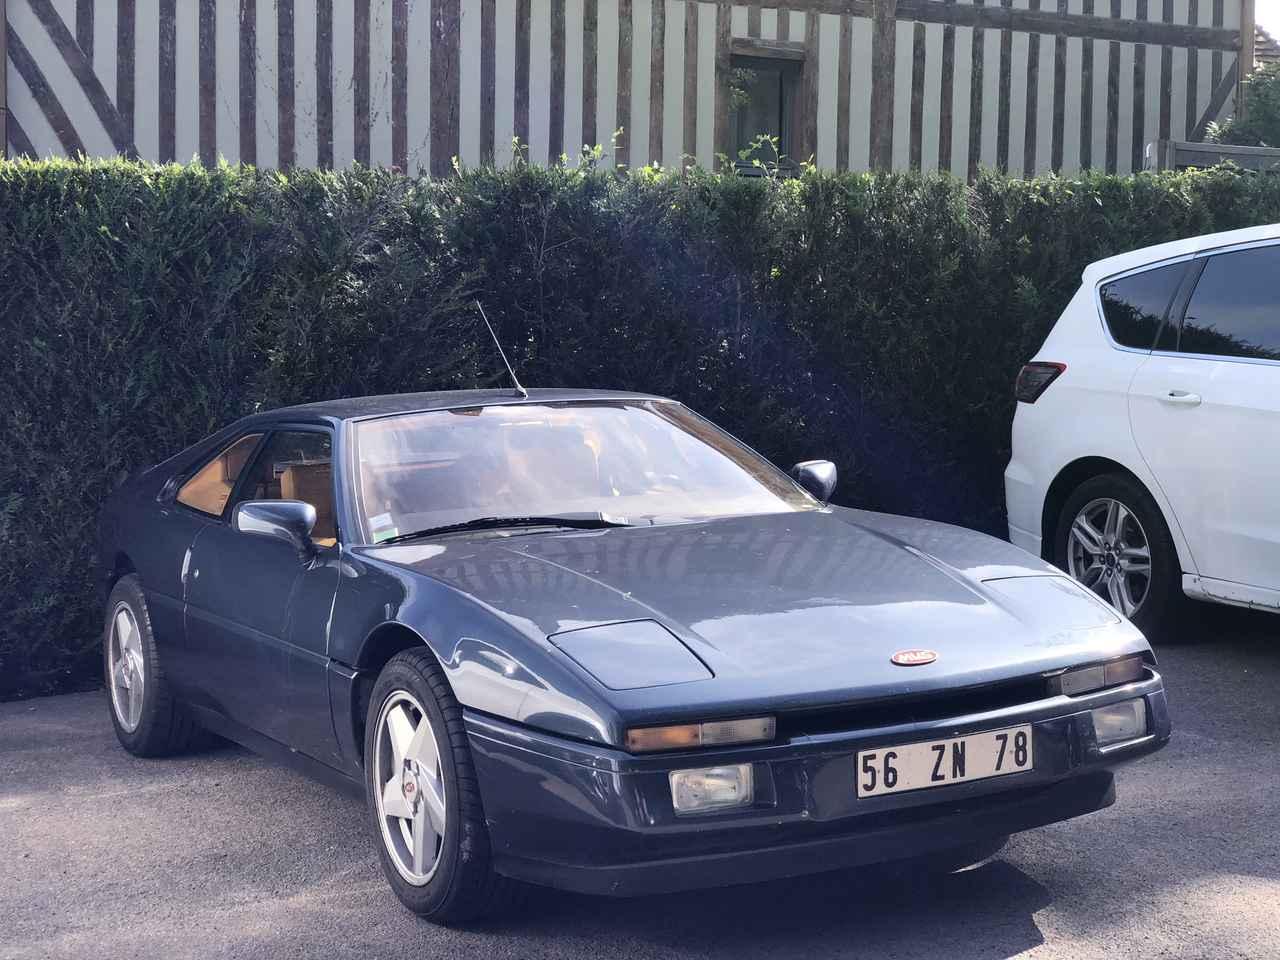 画像: ル・マン到着の前日に宿泊したノルマンディのホテルで、駐車場に停まっていた珍しいフレンチ・スポーツカー。MVSヴェンチュリ……って御存知?